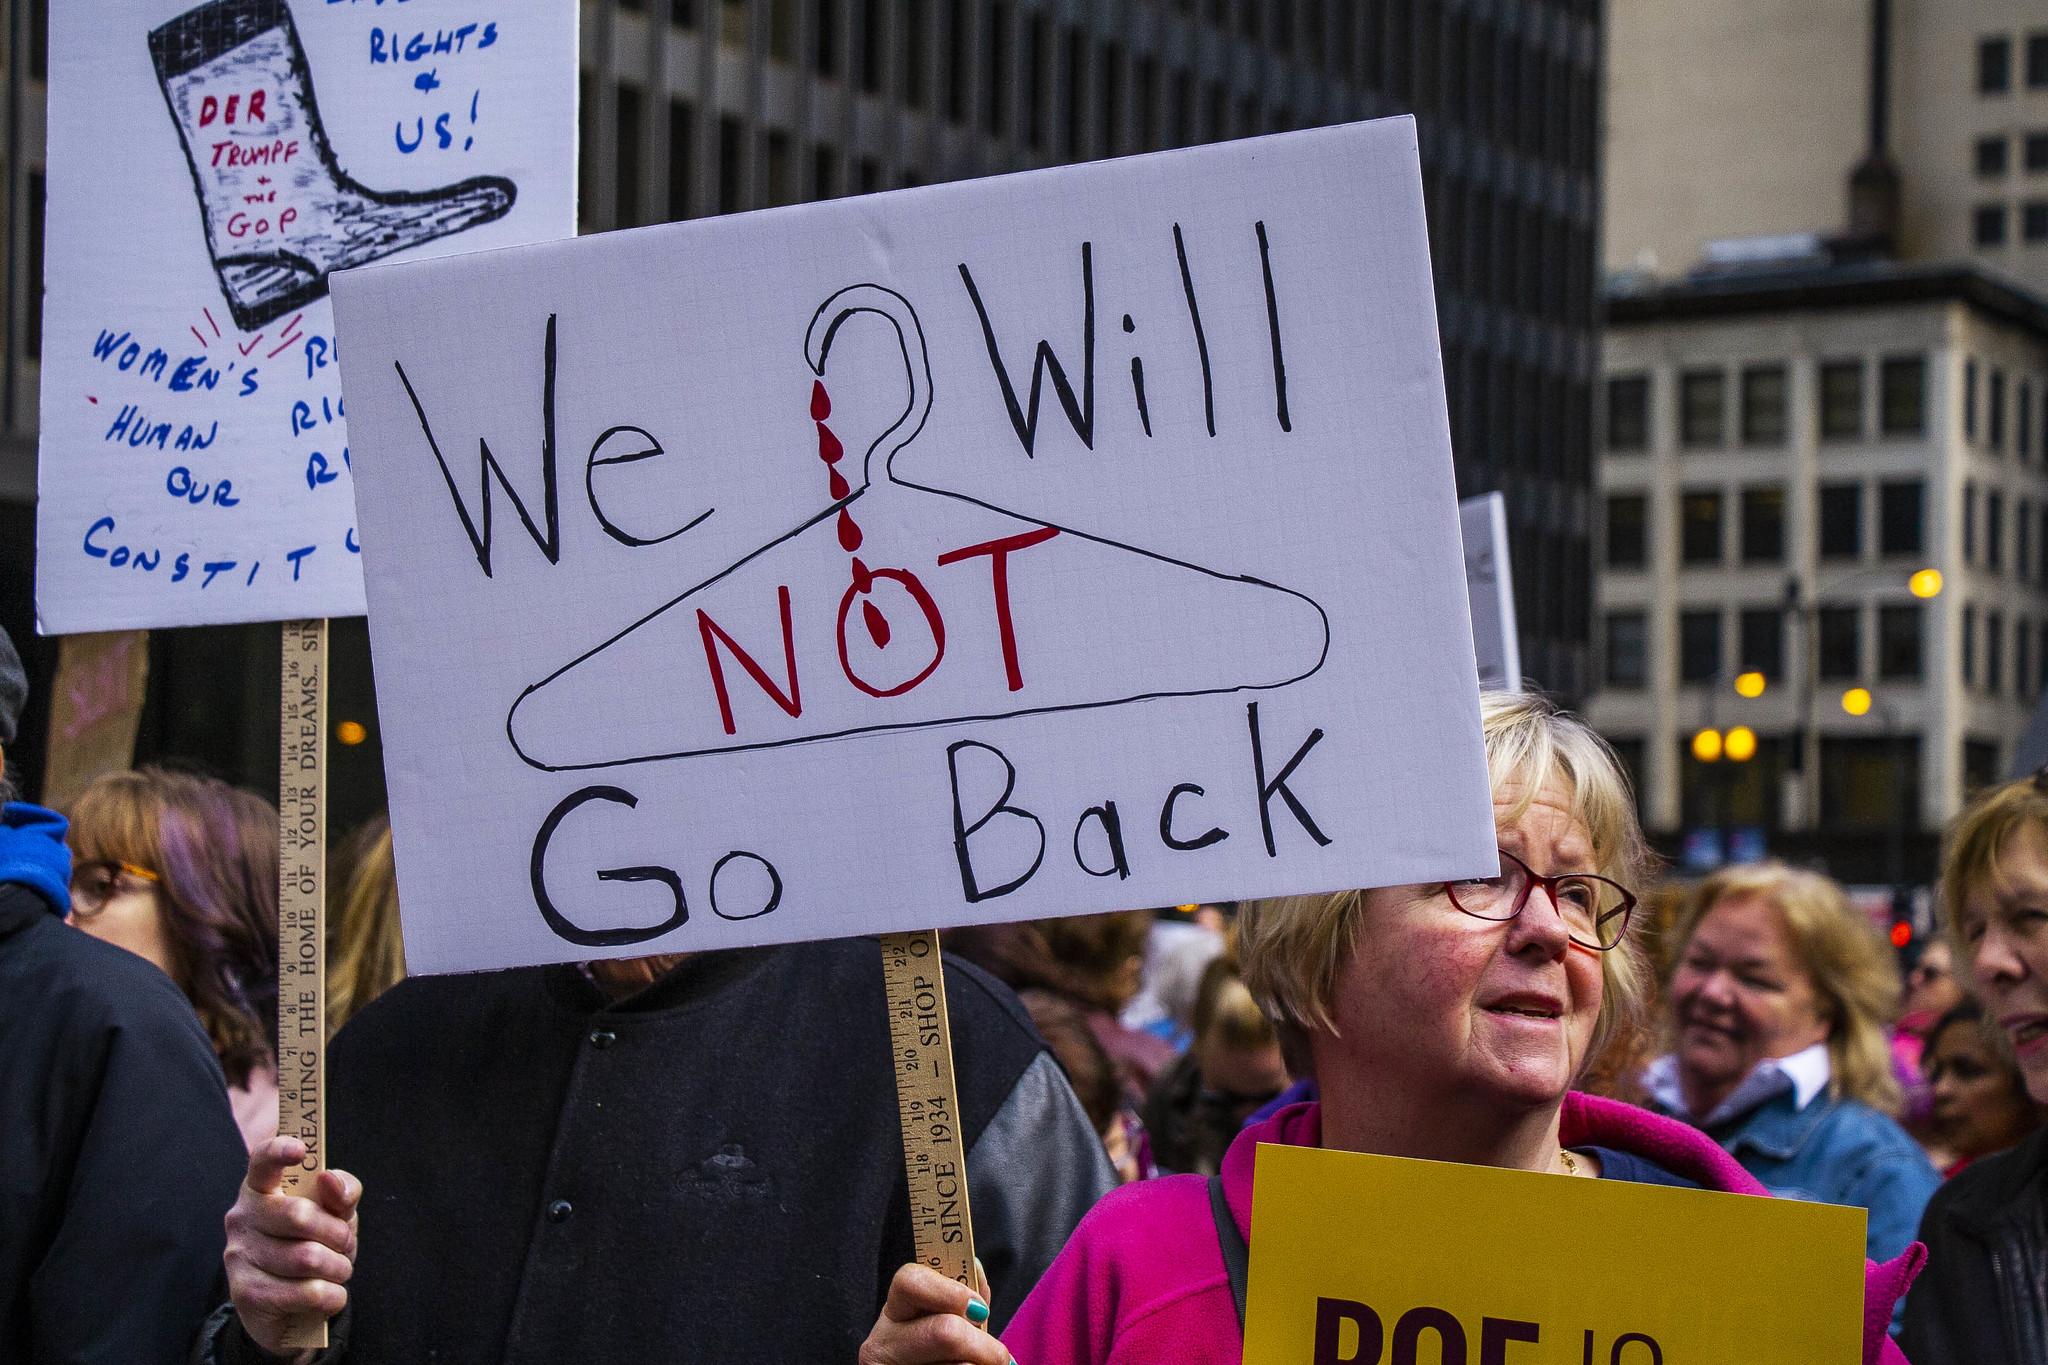 Marcha de las mujeres por los derechos reproductivos, Chicago, Illinois. Mayo de 2019. Foto: Flickr / Charles Edward Miller